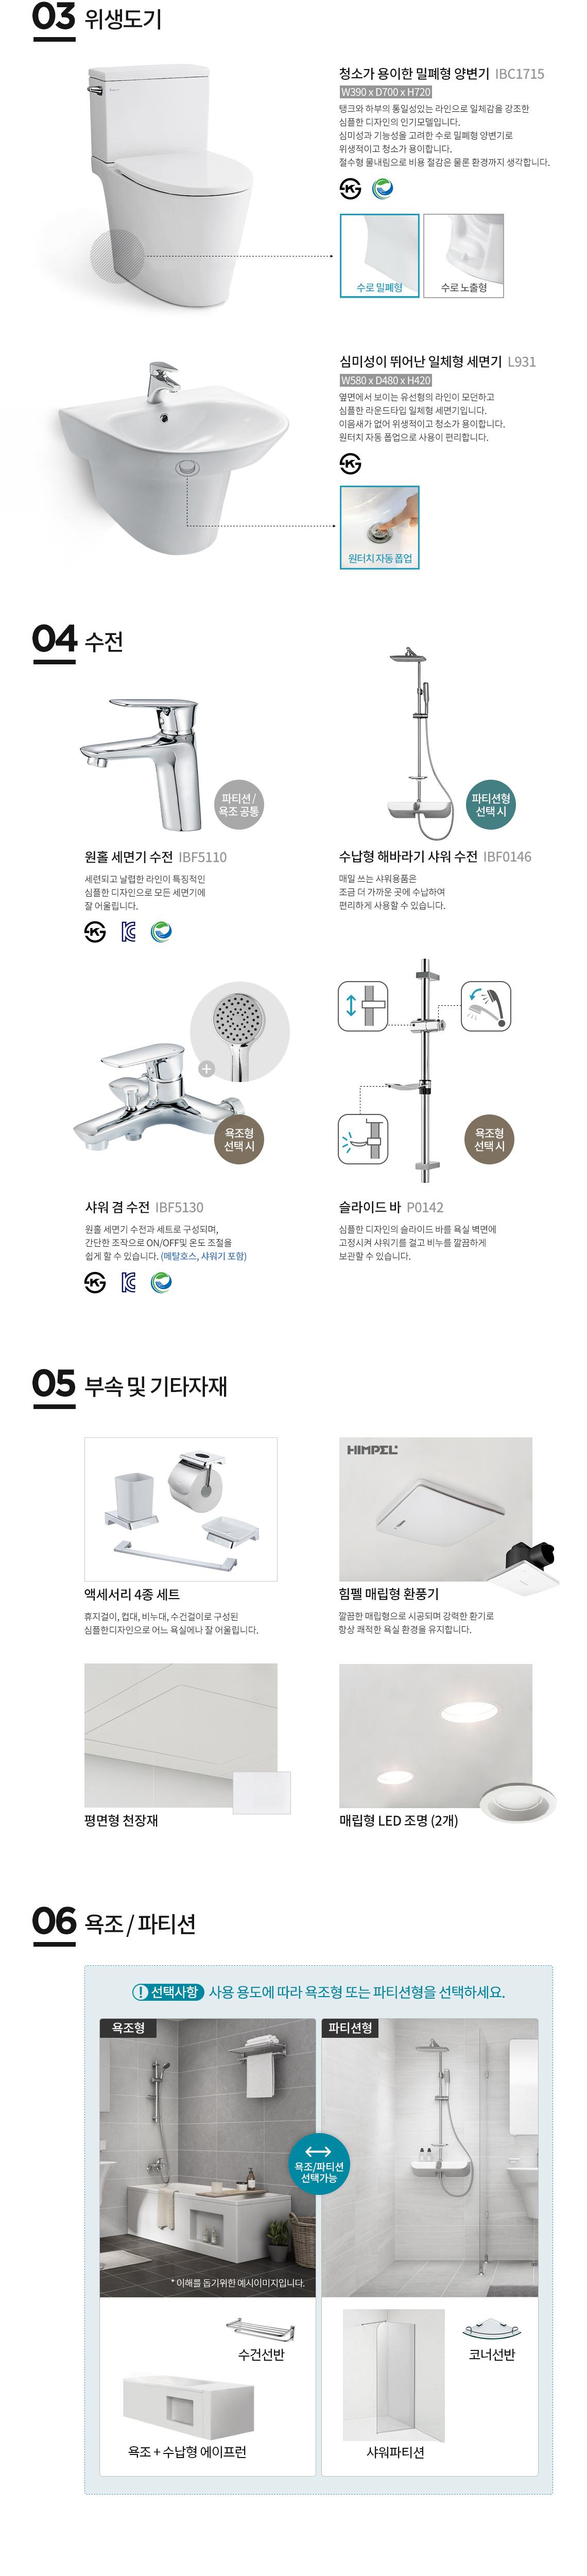 어스그레이 상품소개